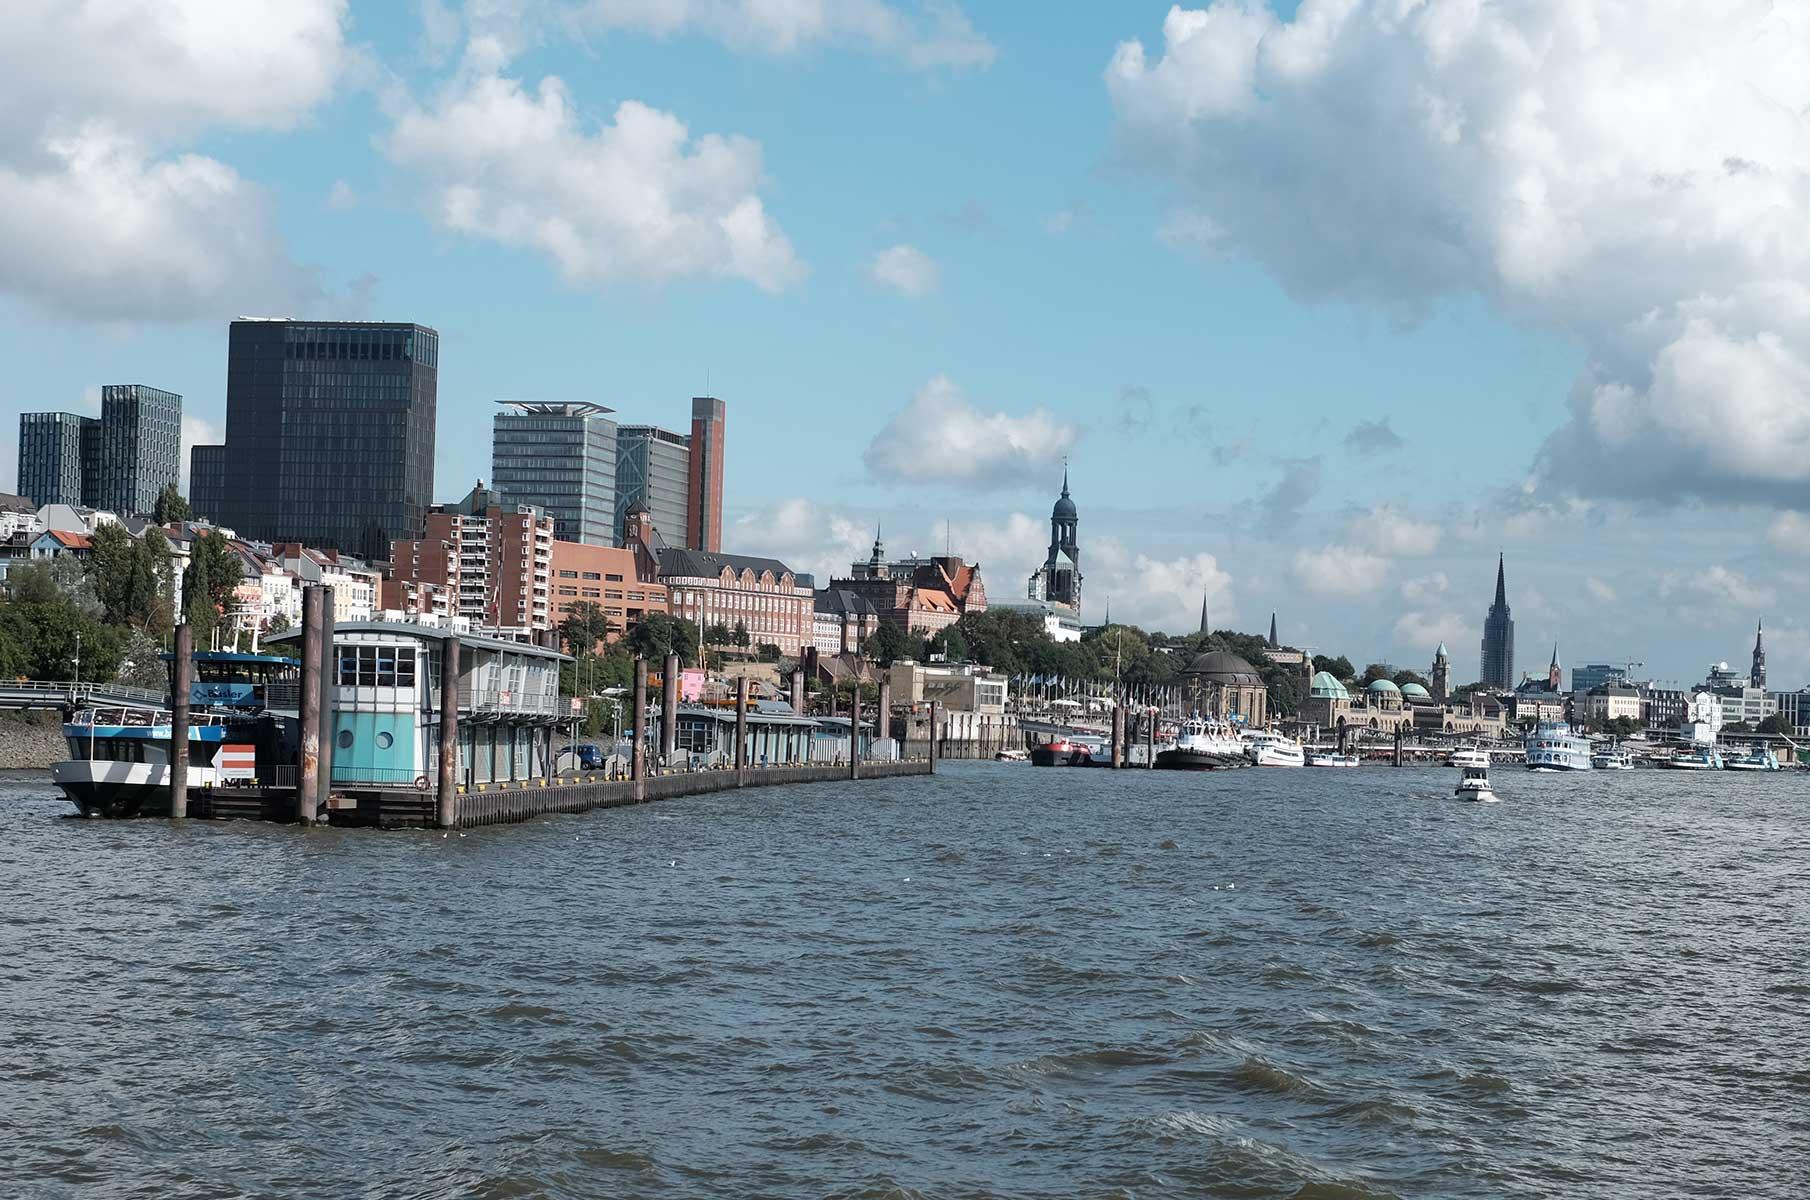 Blick auf die Hamburger Landungsbrücken von der Elbe